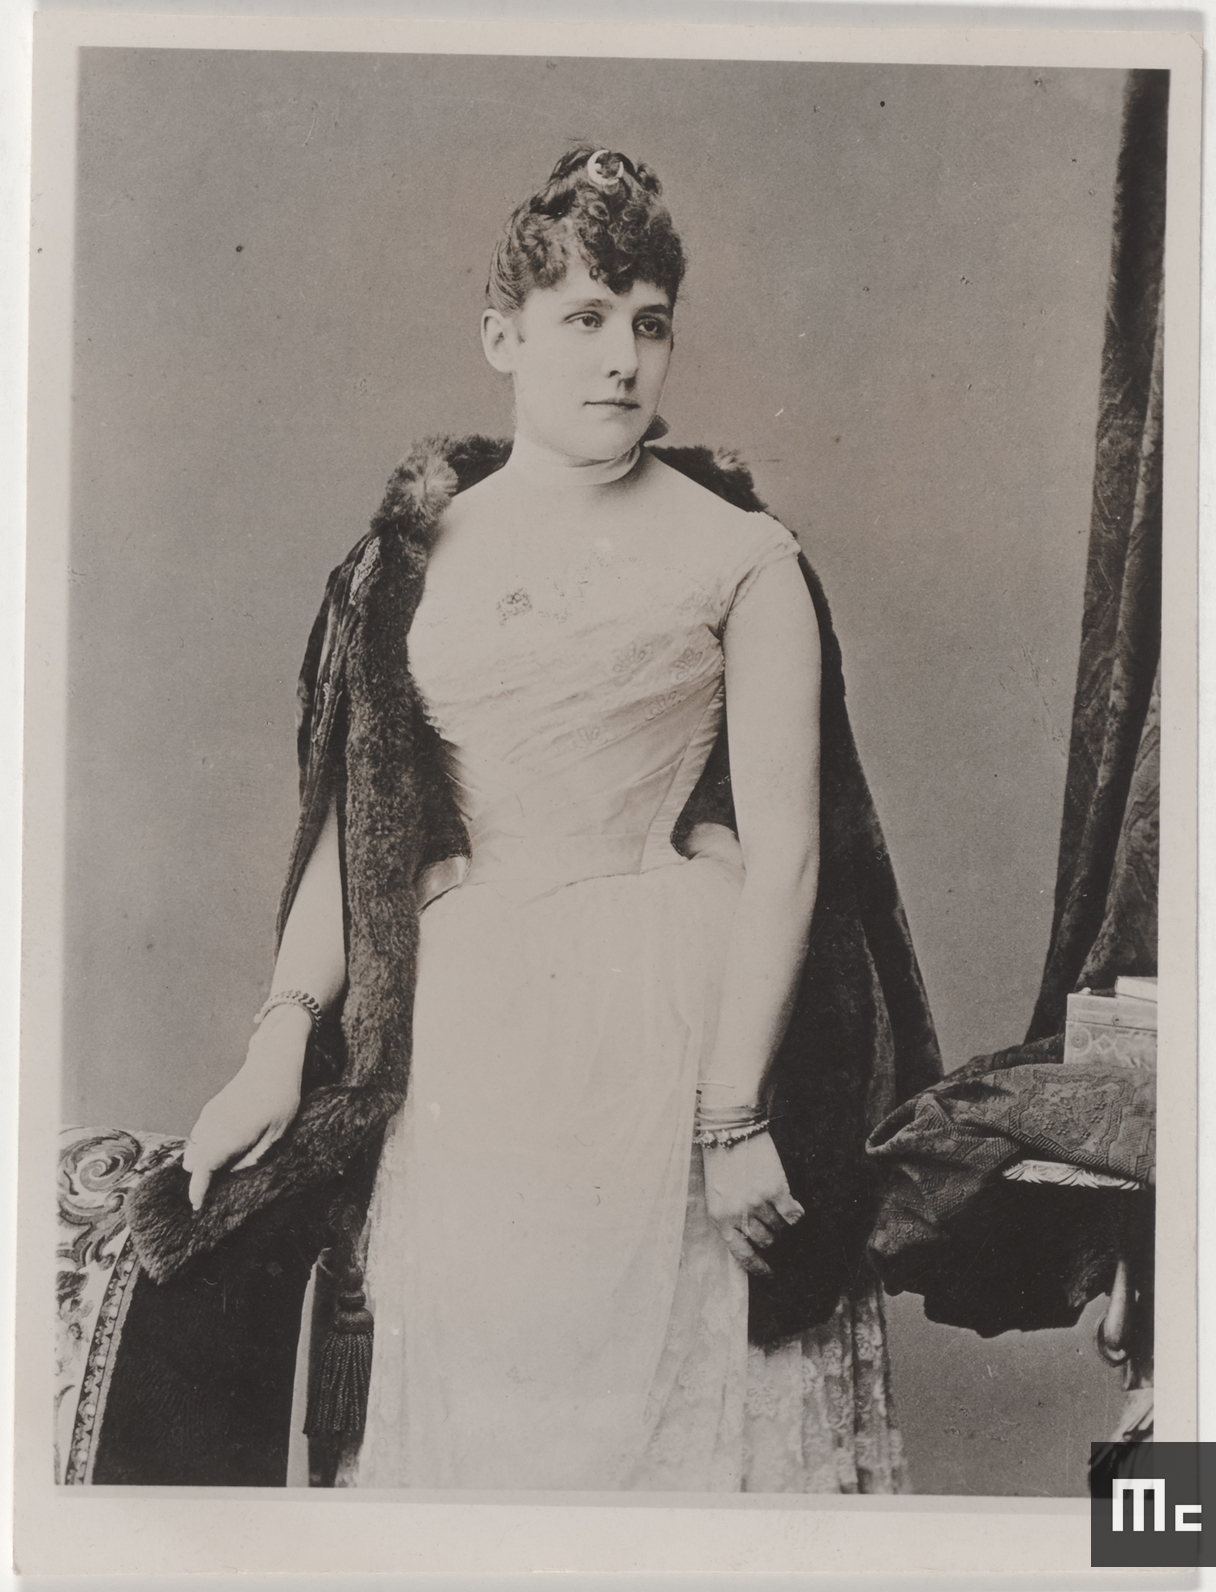 Mme Fuchs chez qui Maria Sklodowska a été préceptrice à Zoppot et à Varsovie, de 1889 à 1890 (Source : Musée Curie ; coll. ACJC)